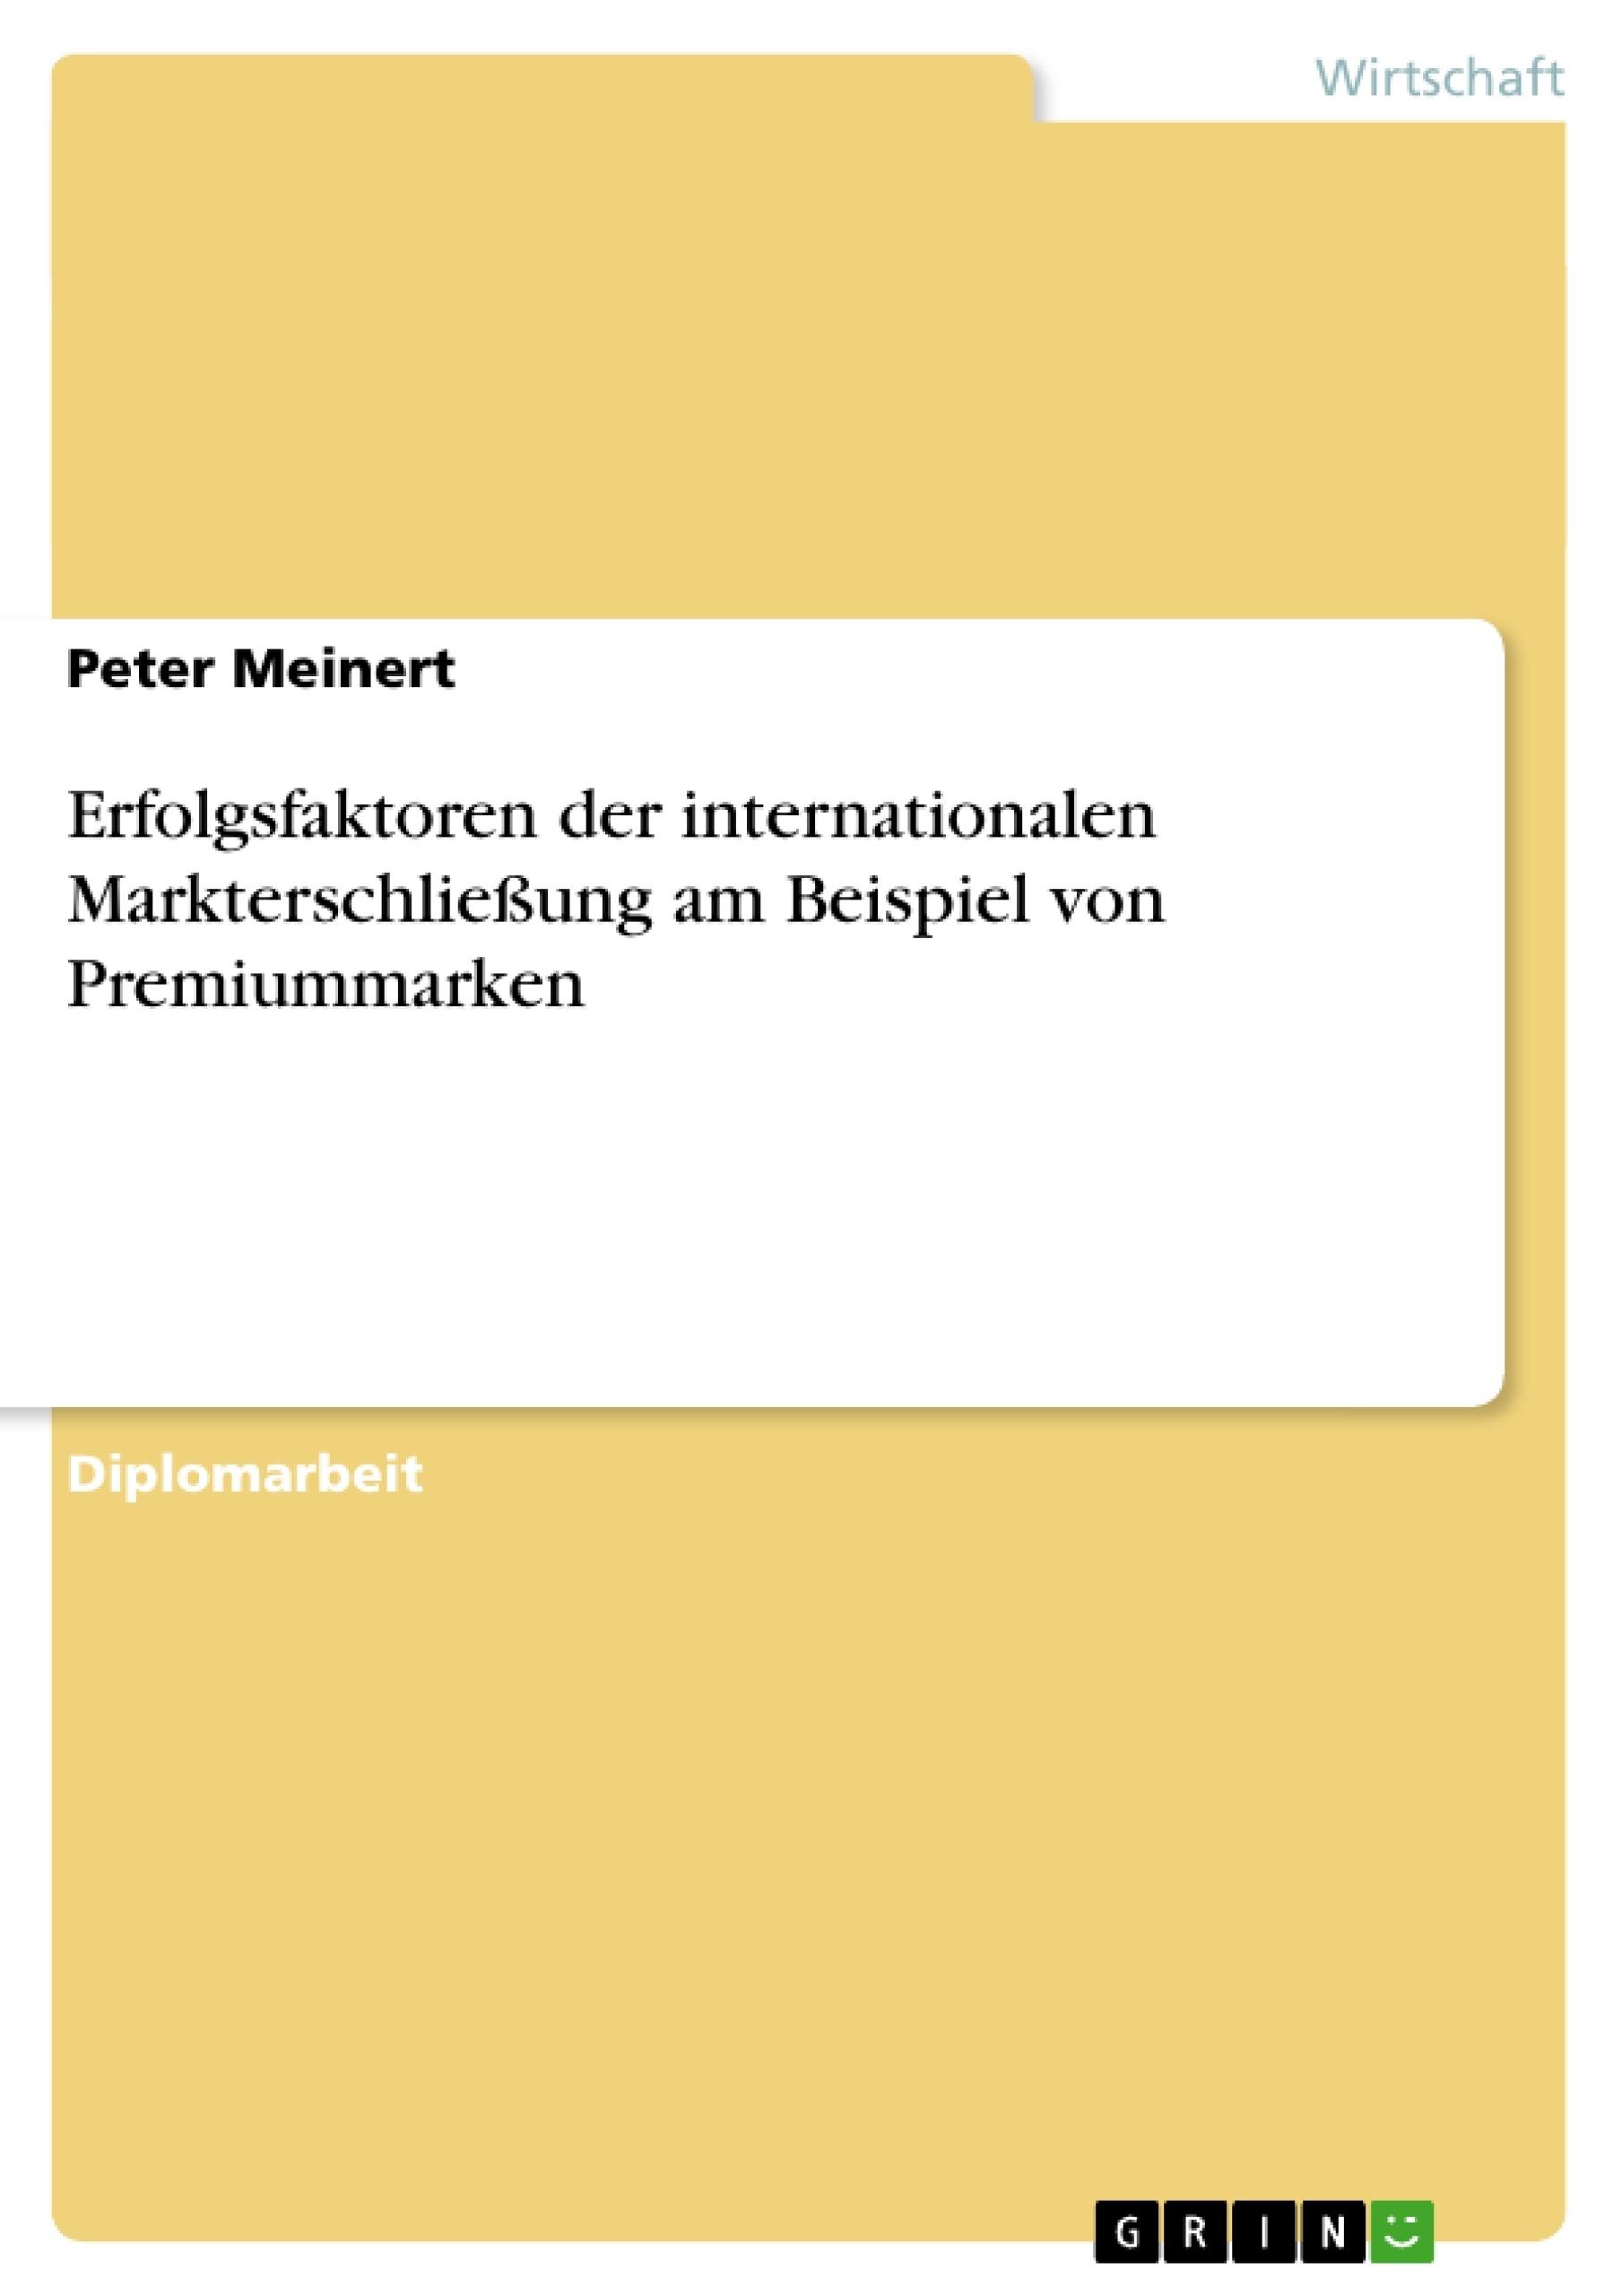 Titel: Erfolgsfaktoren der internationalen Markterschließung am Beispiel von Premiummarken